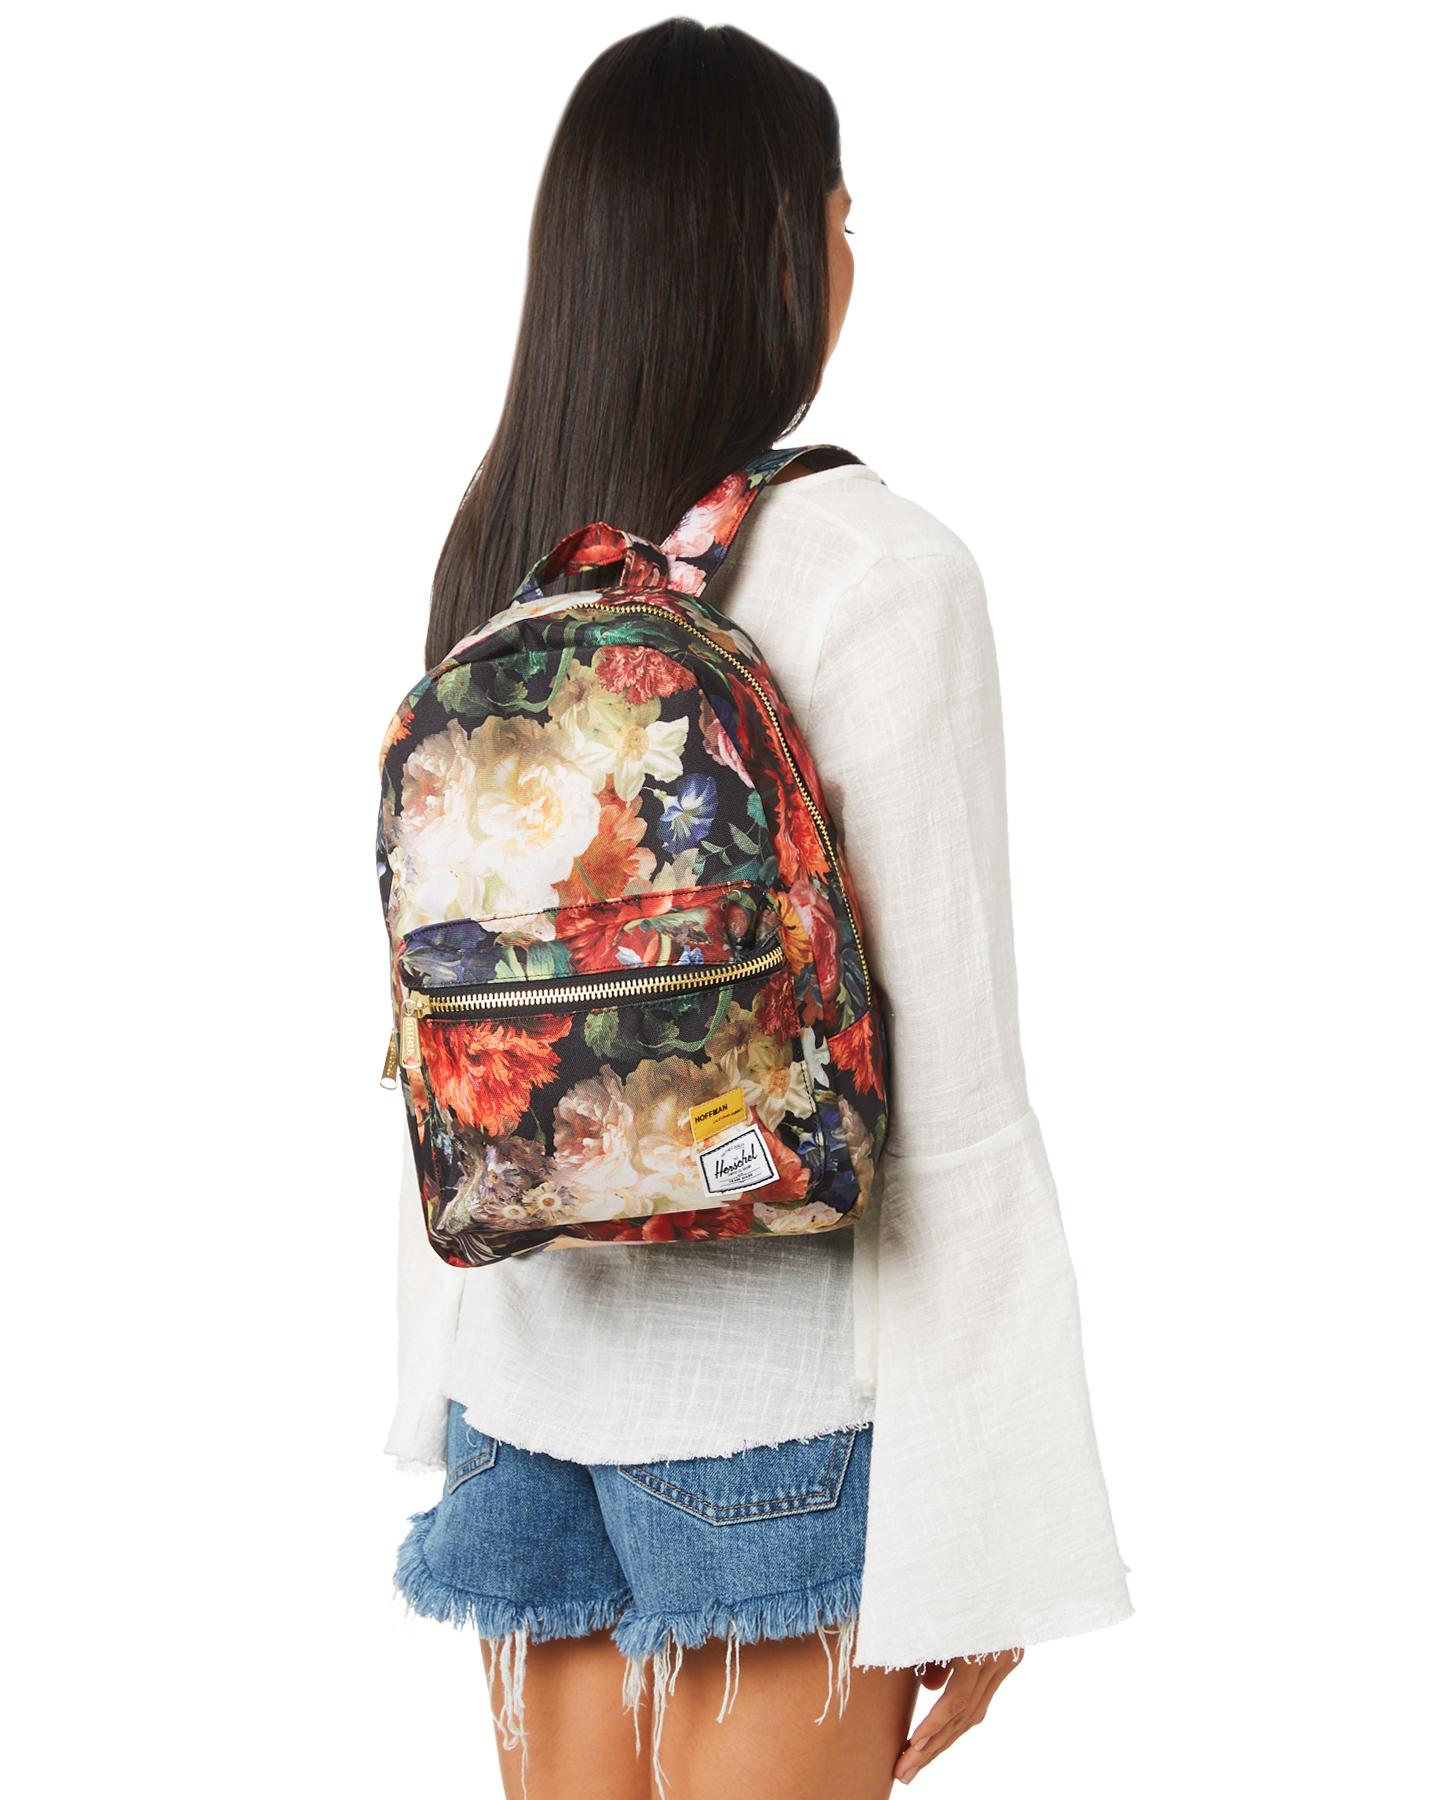 6a1d8336b40 New Herschel Supply Co Women s Hoffman Grove X Small Backpack Fall Floral  N A